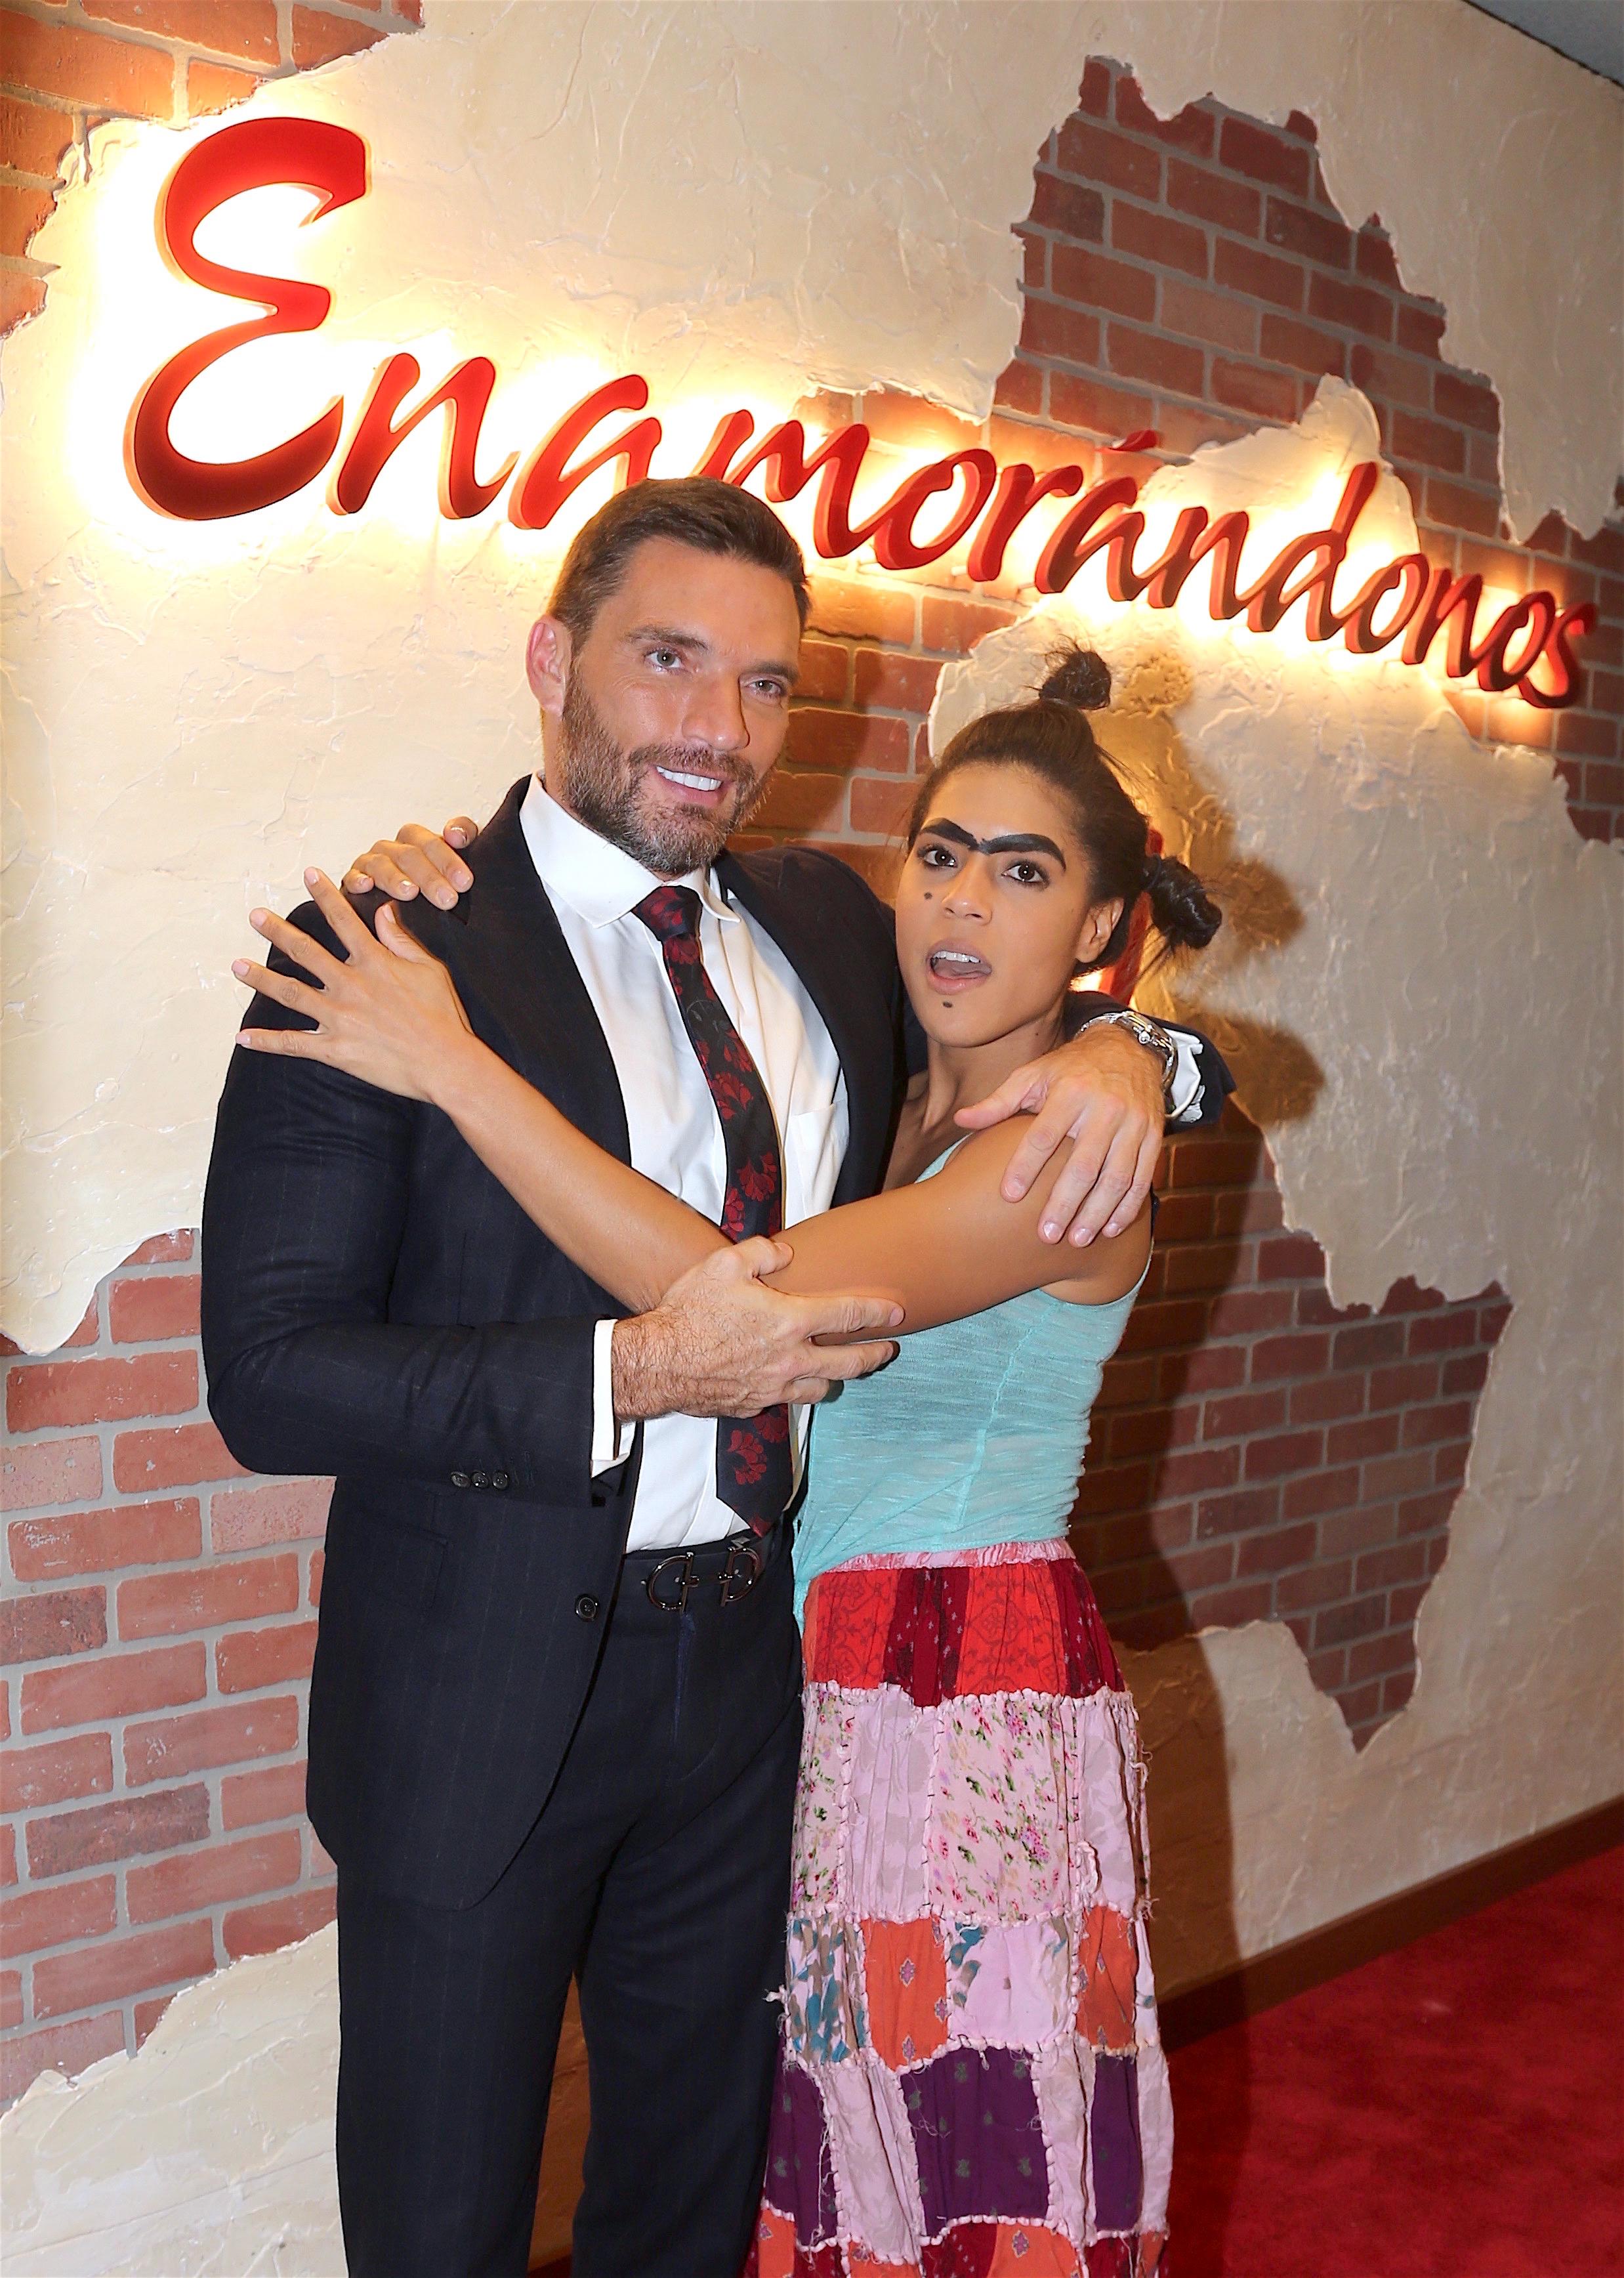 Mela la Melaza en Enamorándonos con Julián Gil